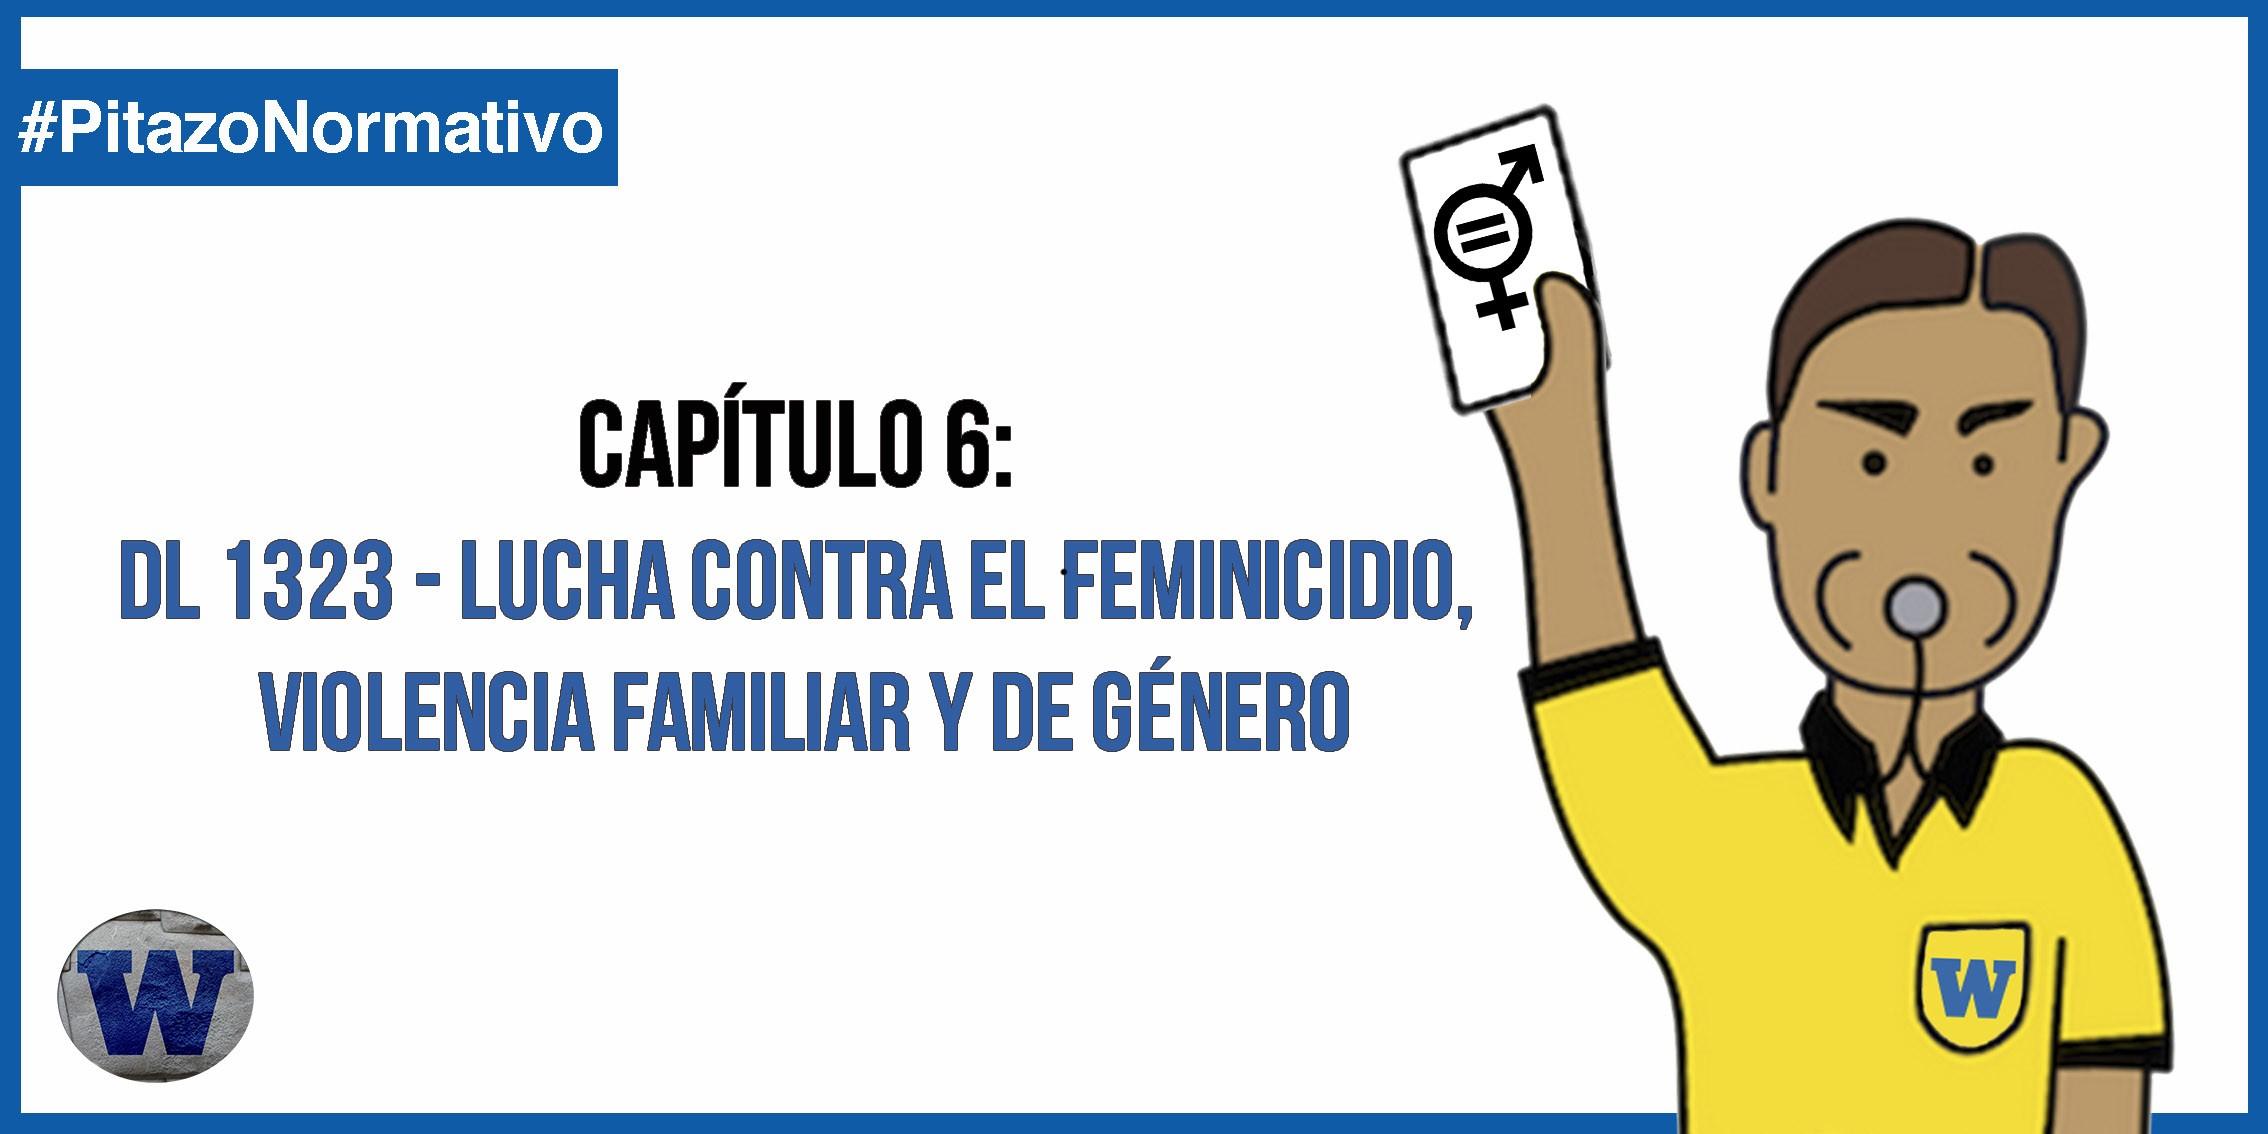 DL 1323: Decreto Legislativo que fortalece la lucha contra el feminicidio, la violencia familiar y la violencia de género